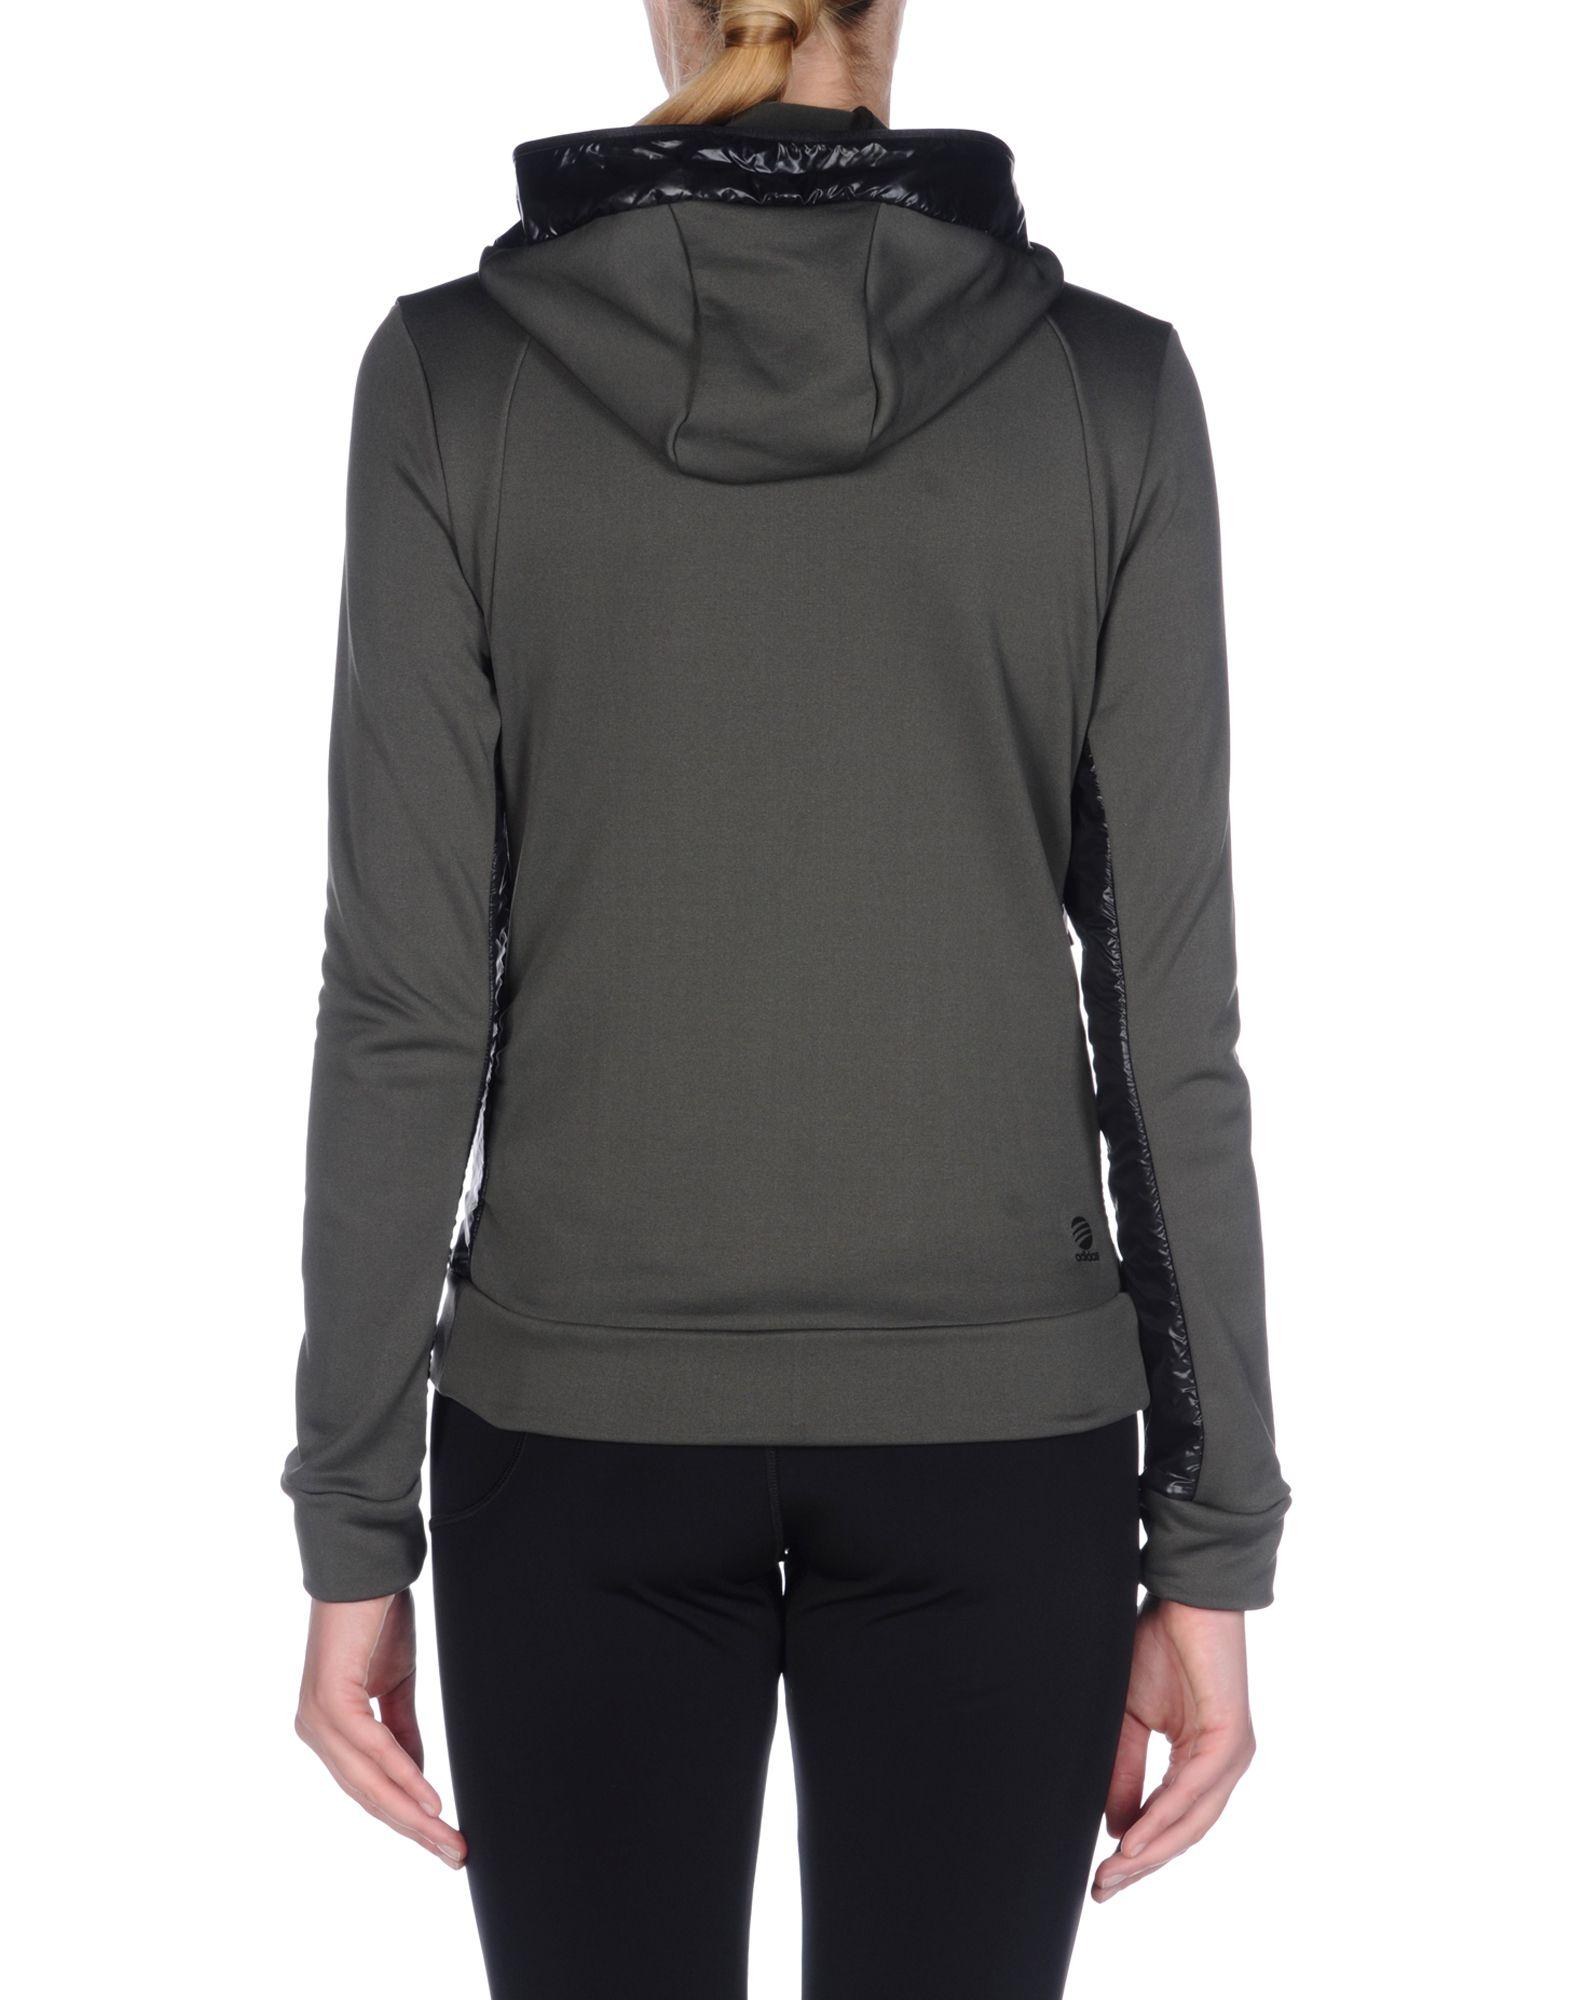 Porsche Design Sport By Adidas Sweatshirt In Gray Grey